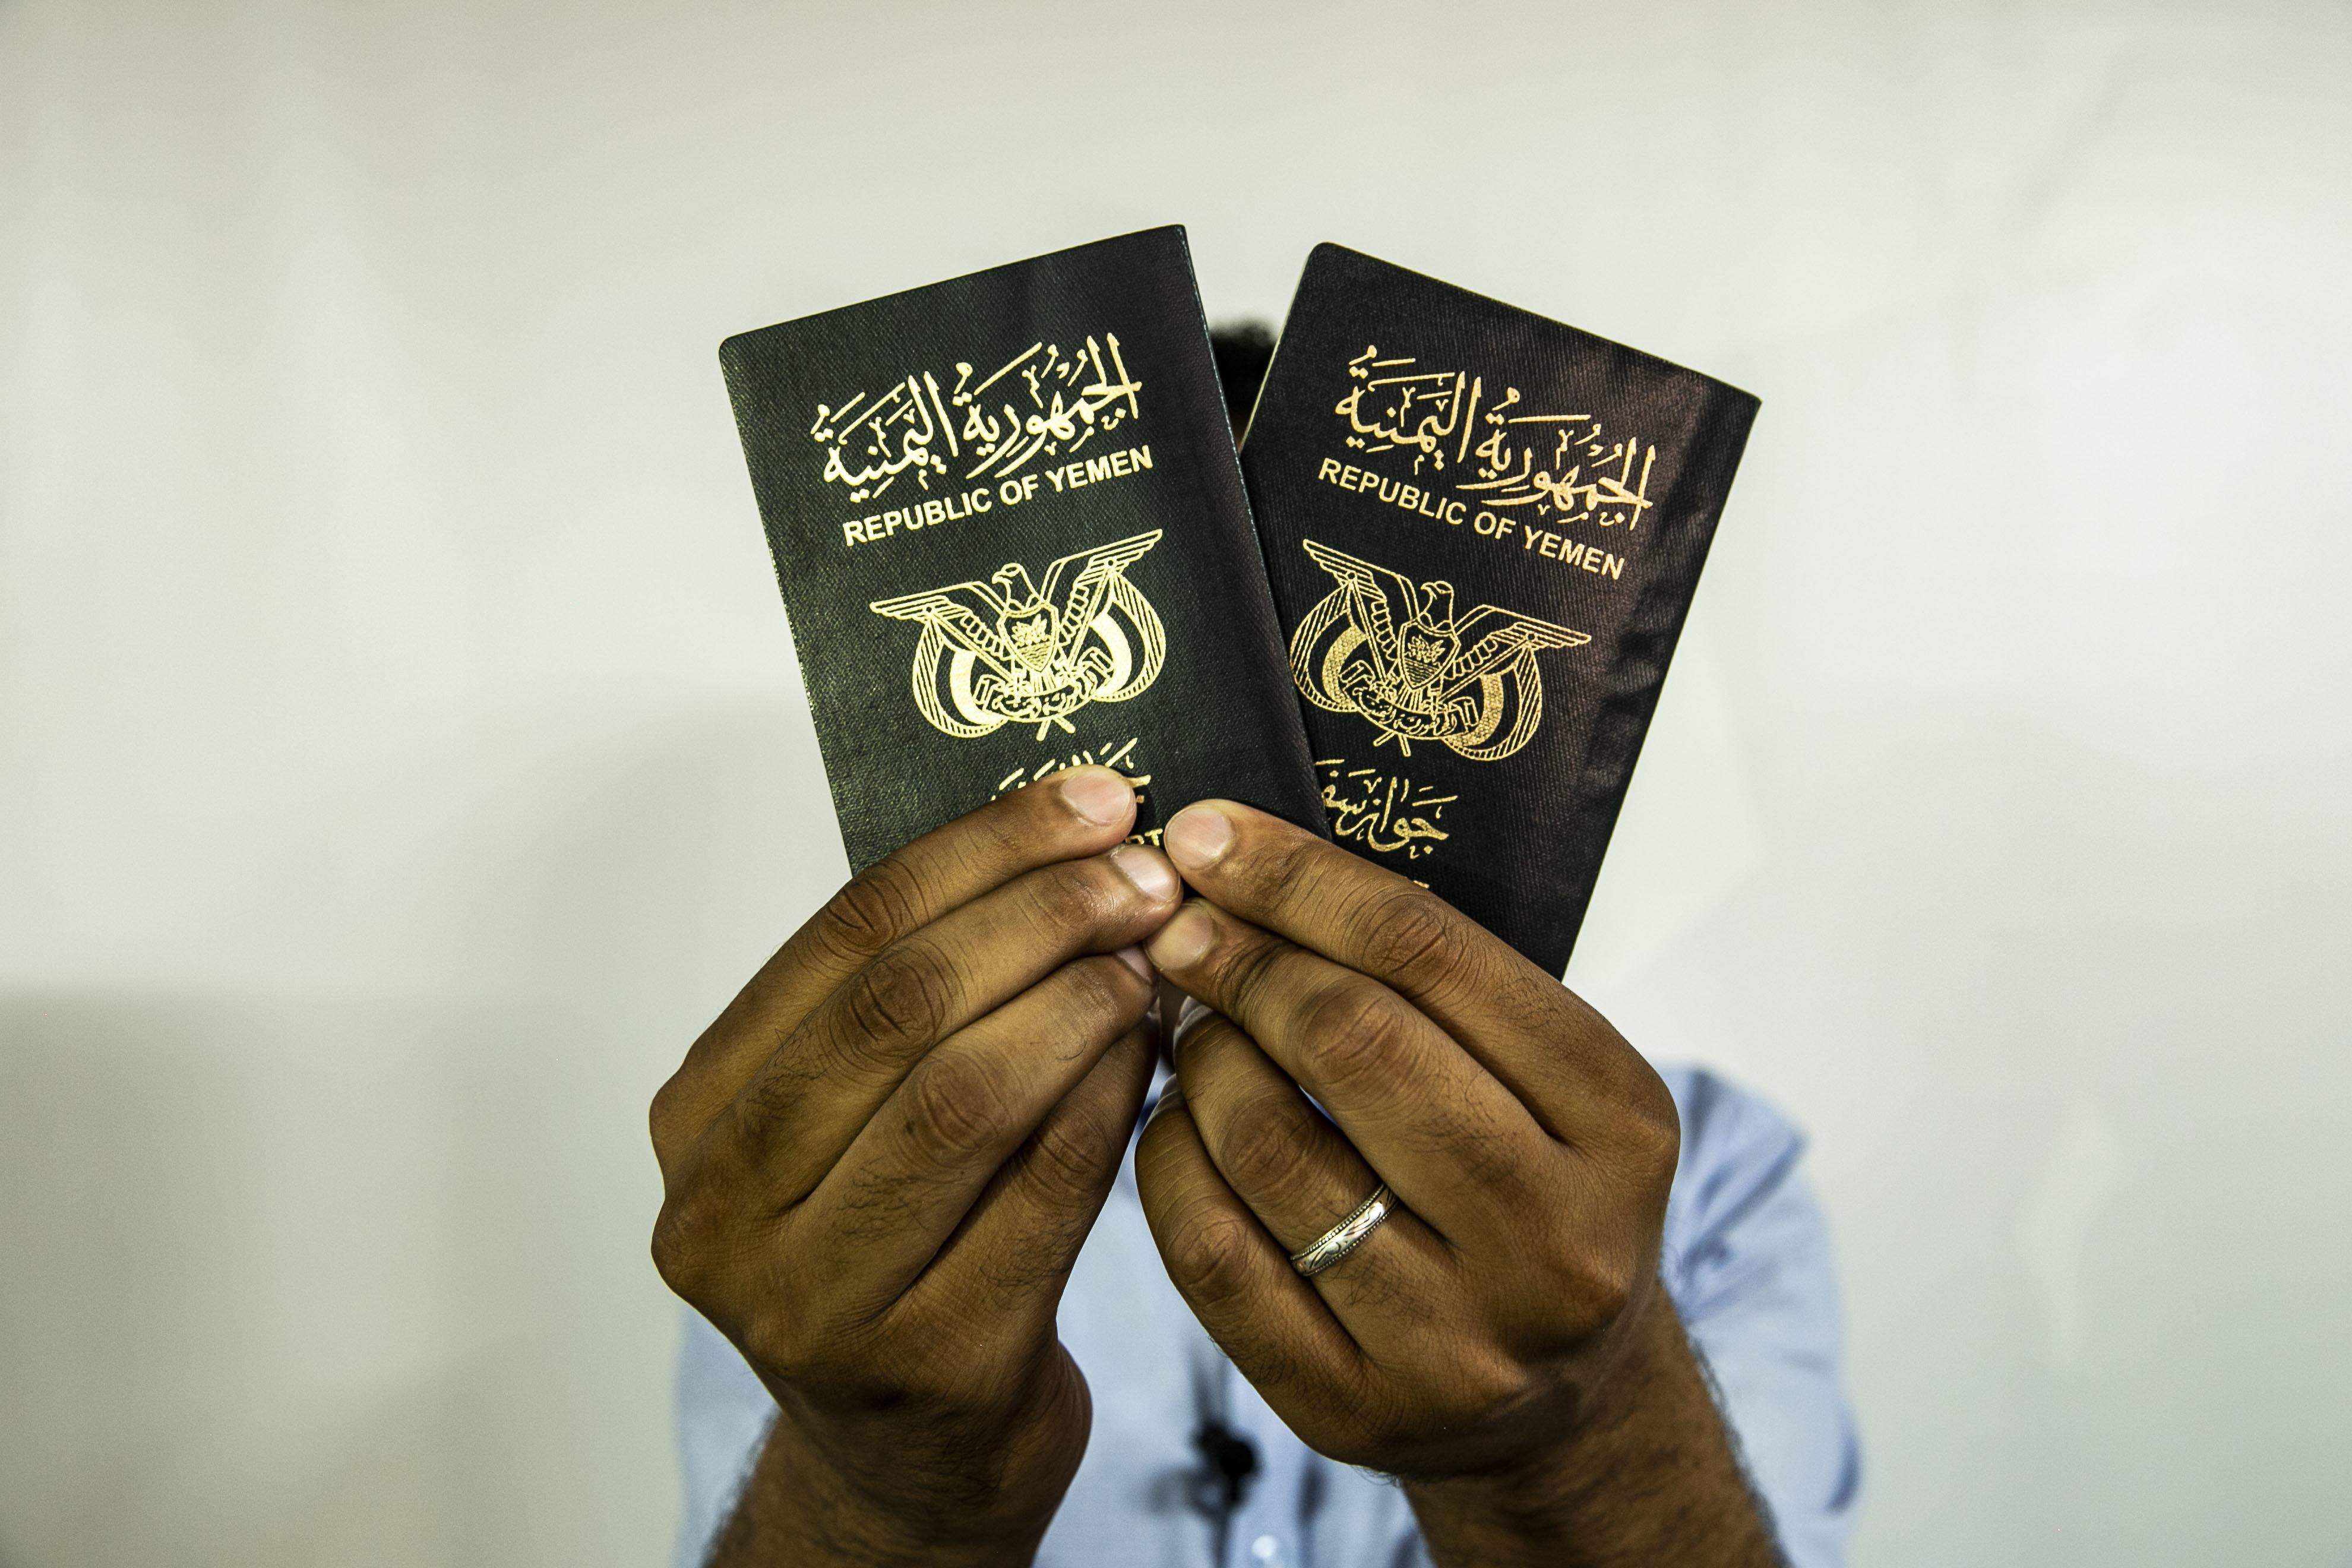 [인터뷰] 제주 예멘 난민들에게 '당신들은 누구냐'고 물었다